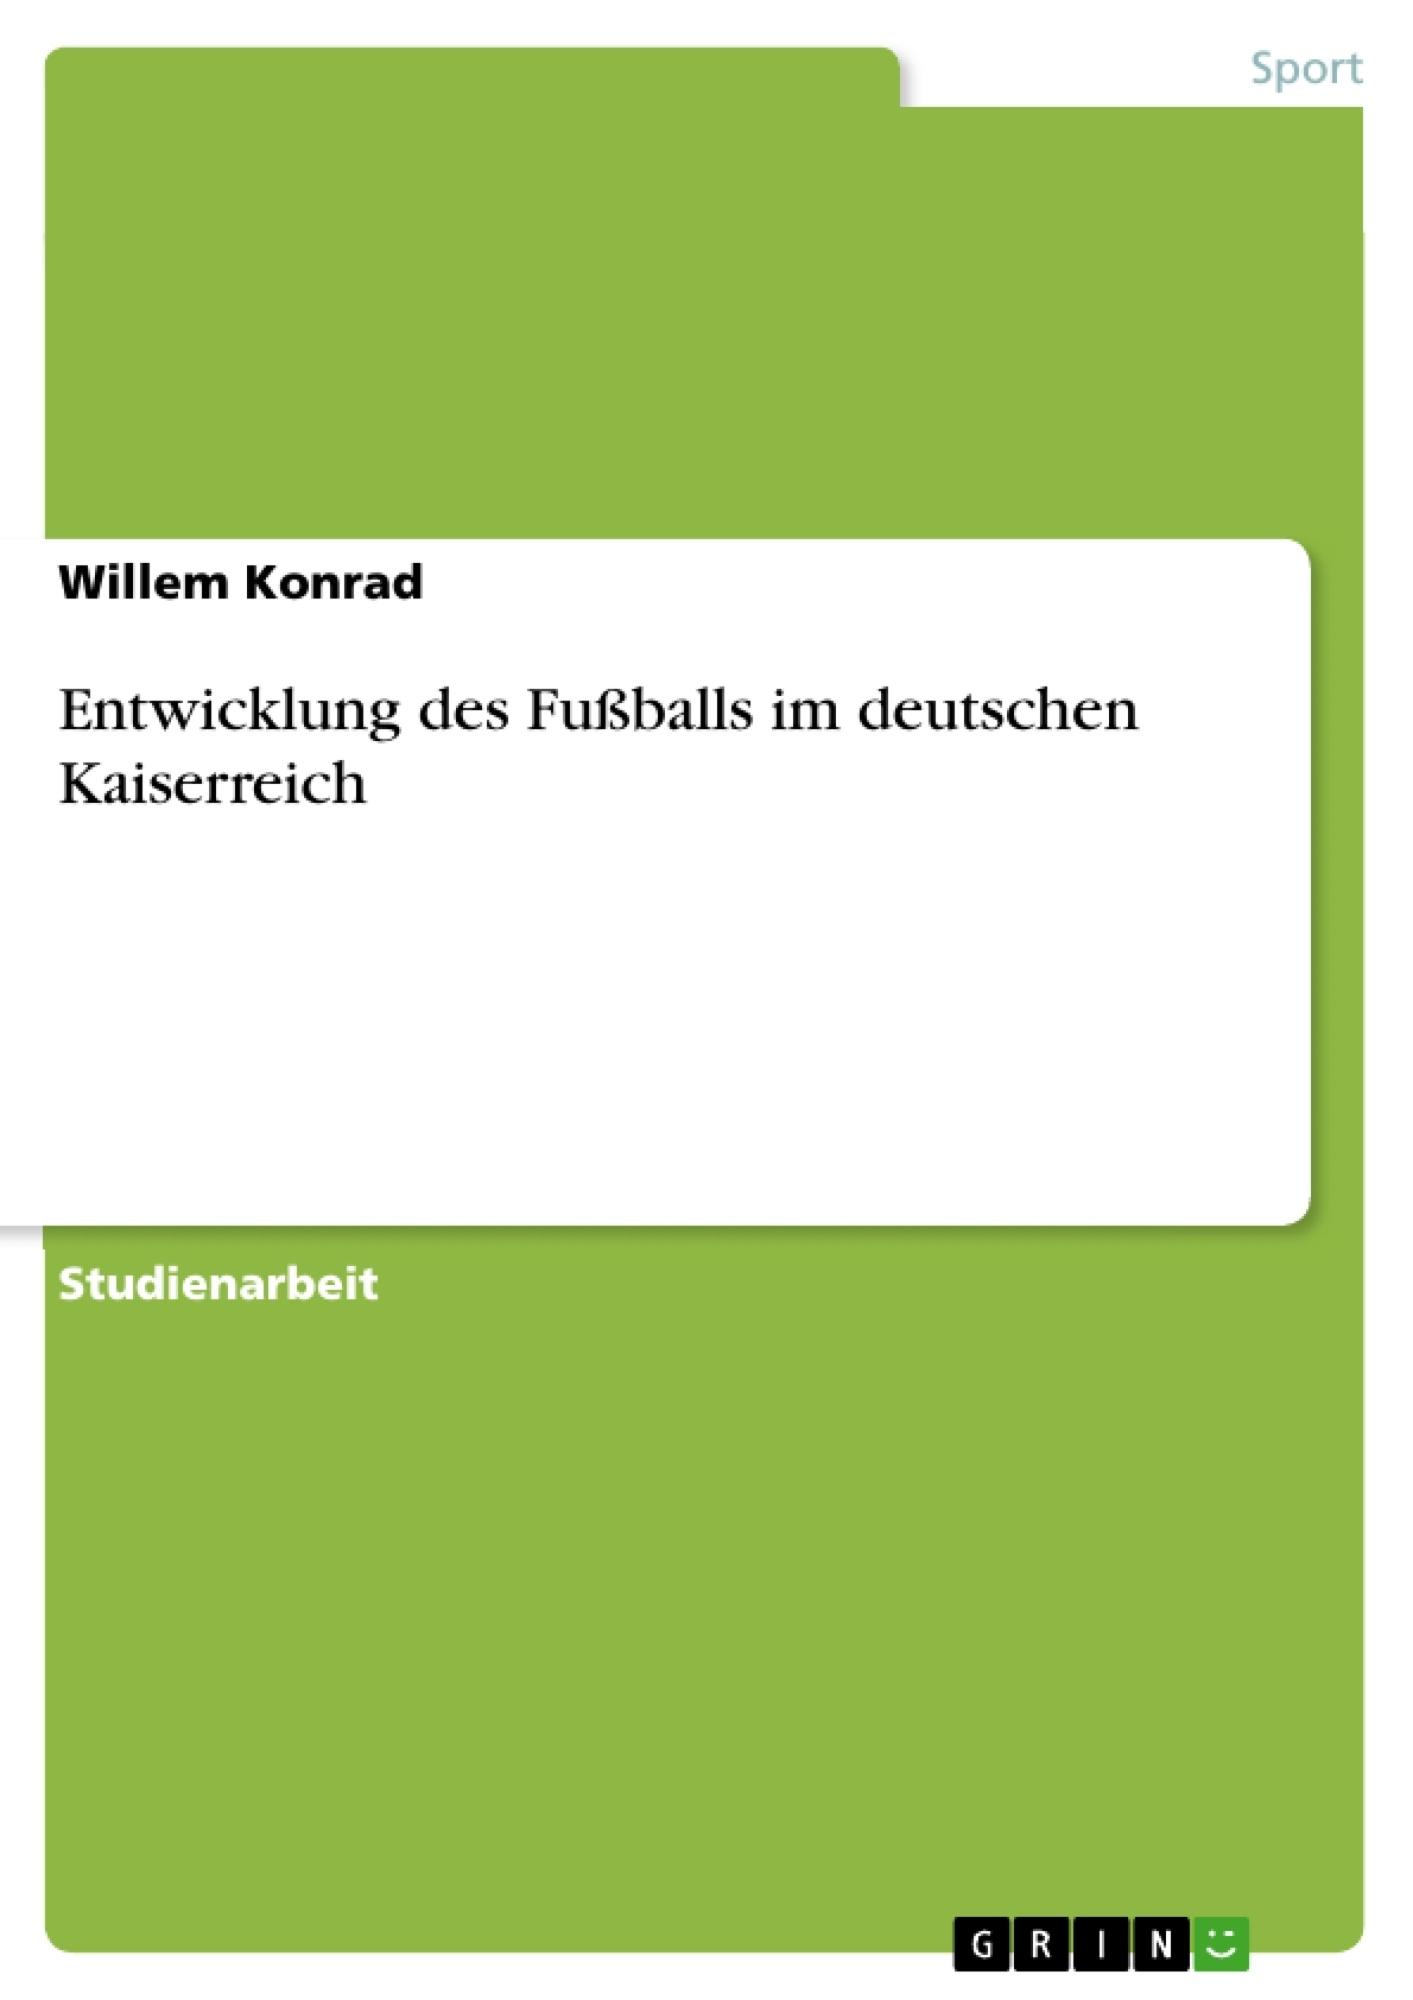 Titel: Entwicklung des Fußballs im deutschen Kaiserreich